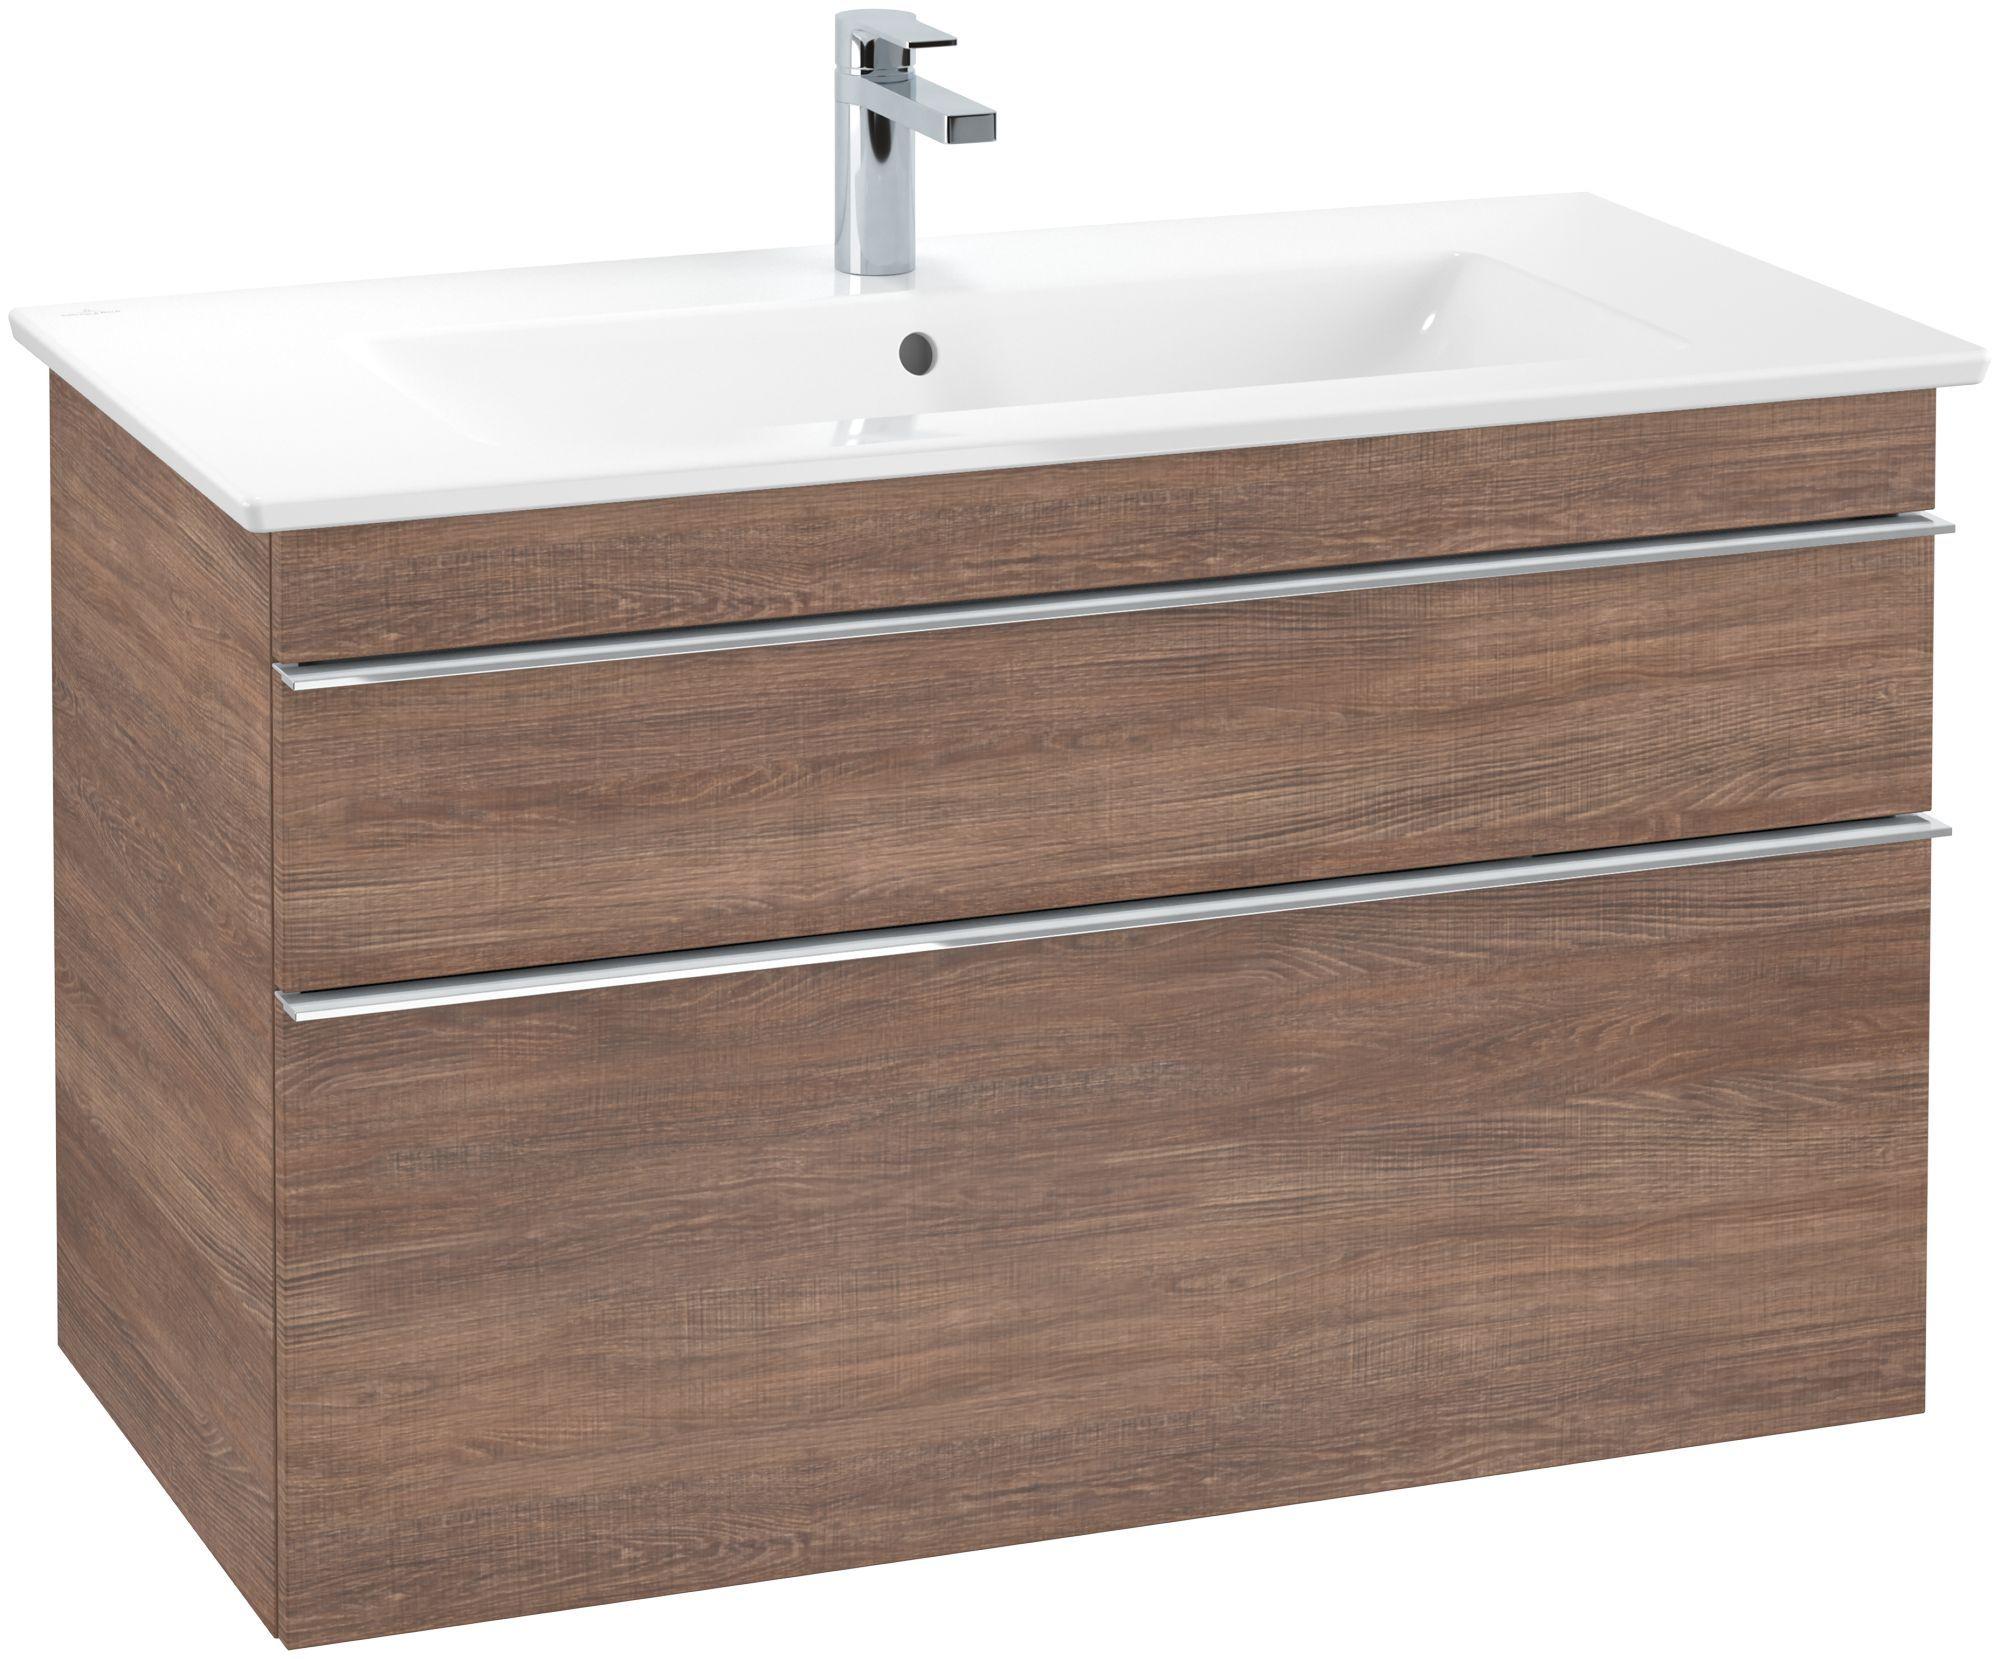 Villeroy & Boch Venticello Waschtischunterschrank 2 Auszüge B:953xT:502xH:590mm santana oak Griffe chrom A92601E1